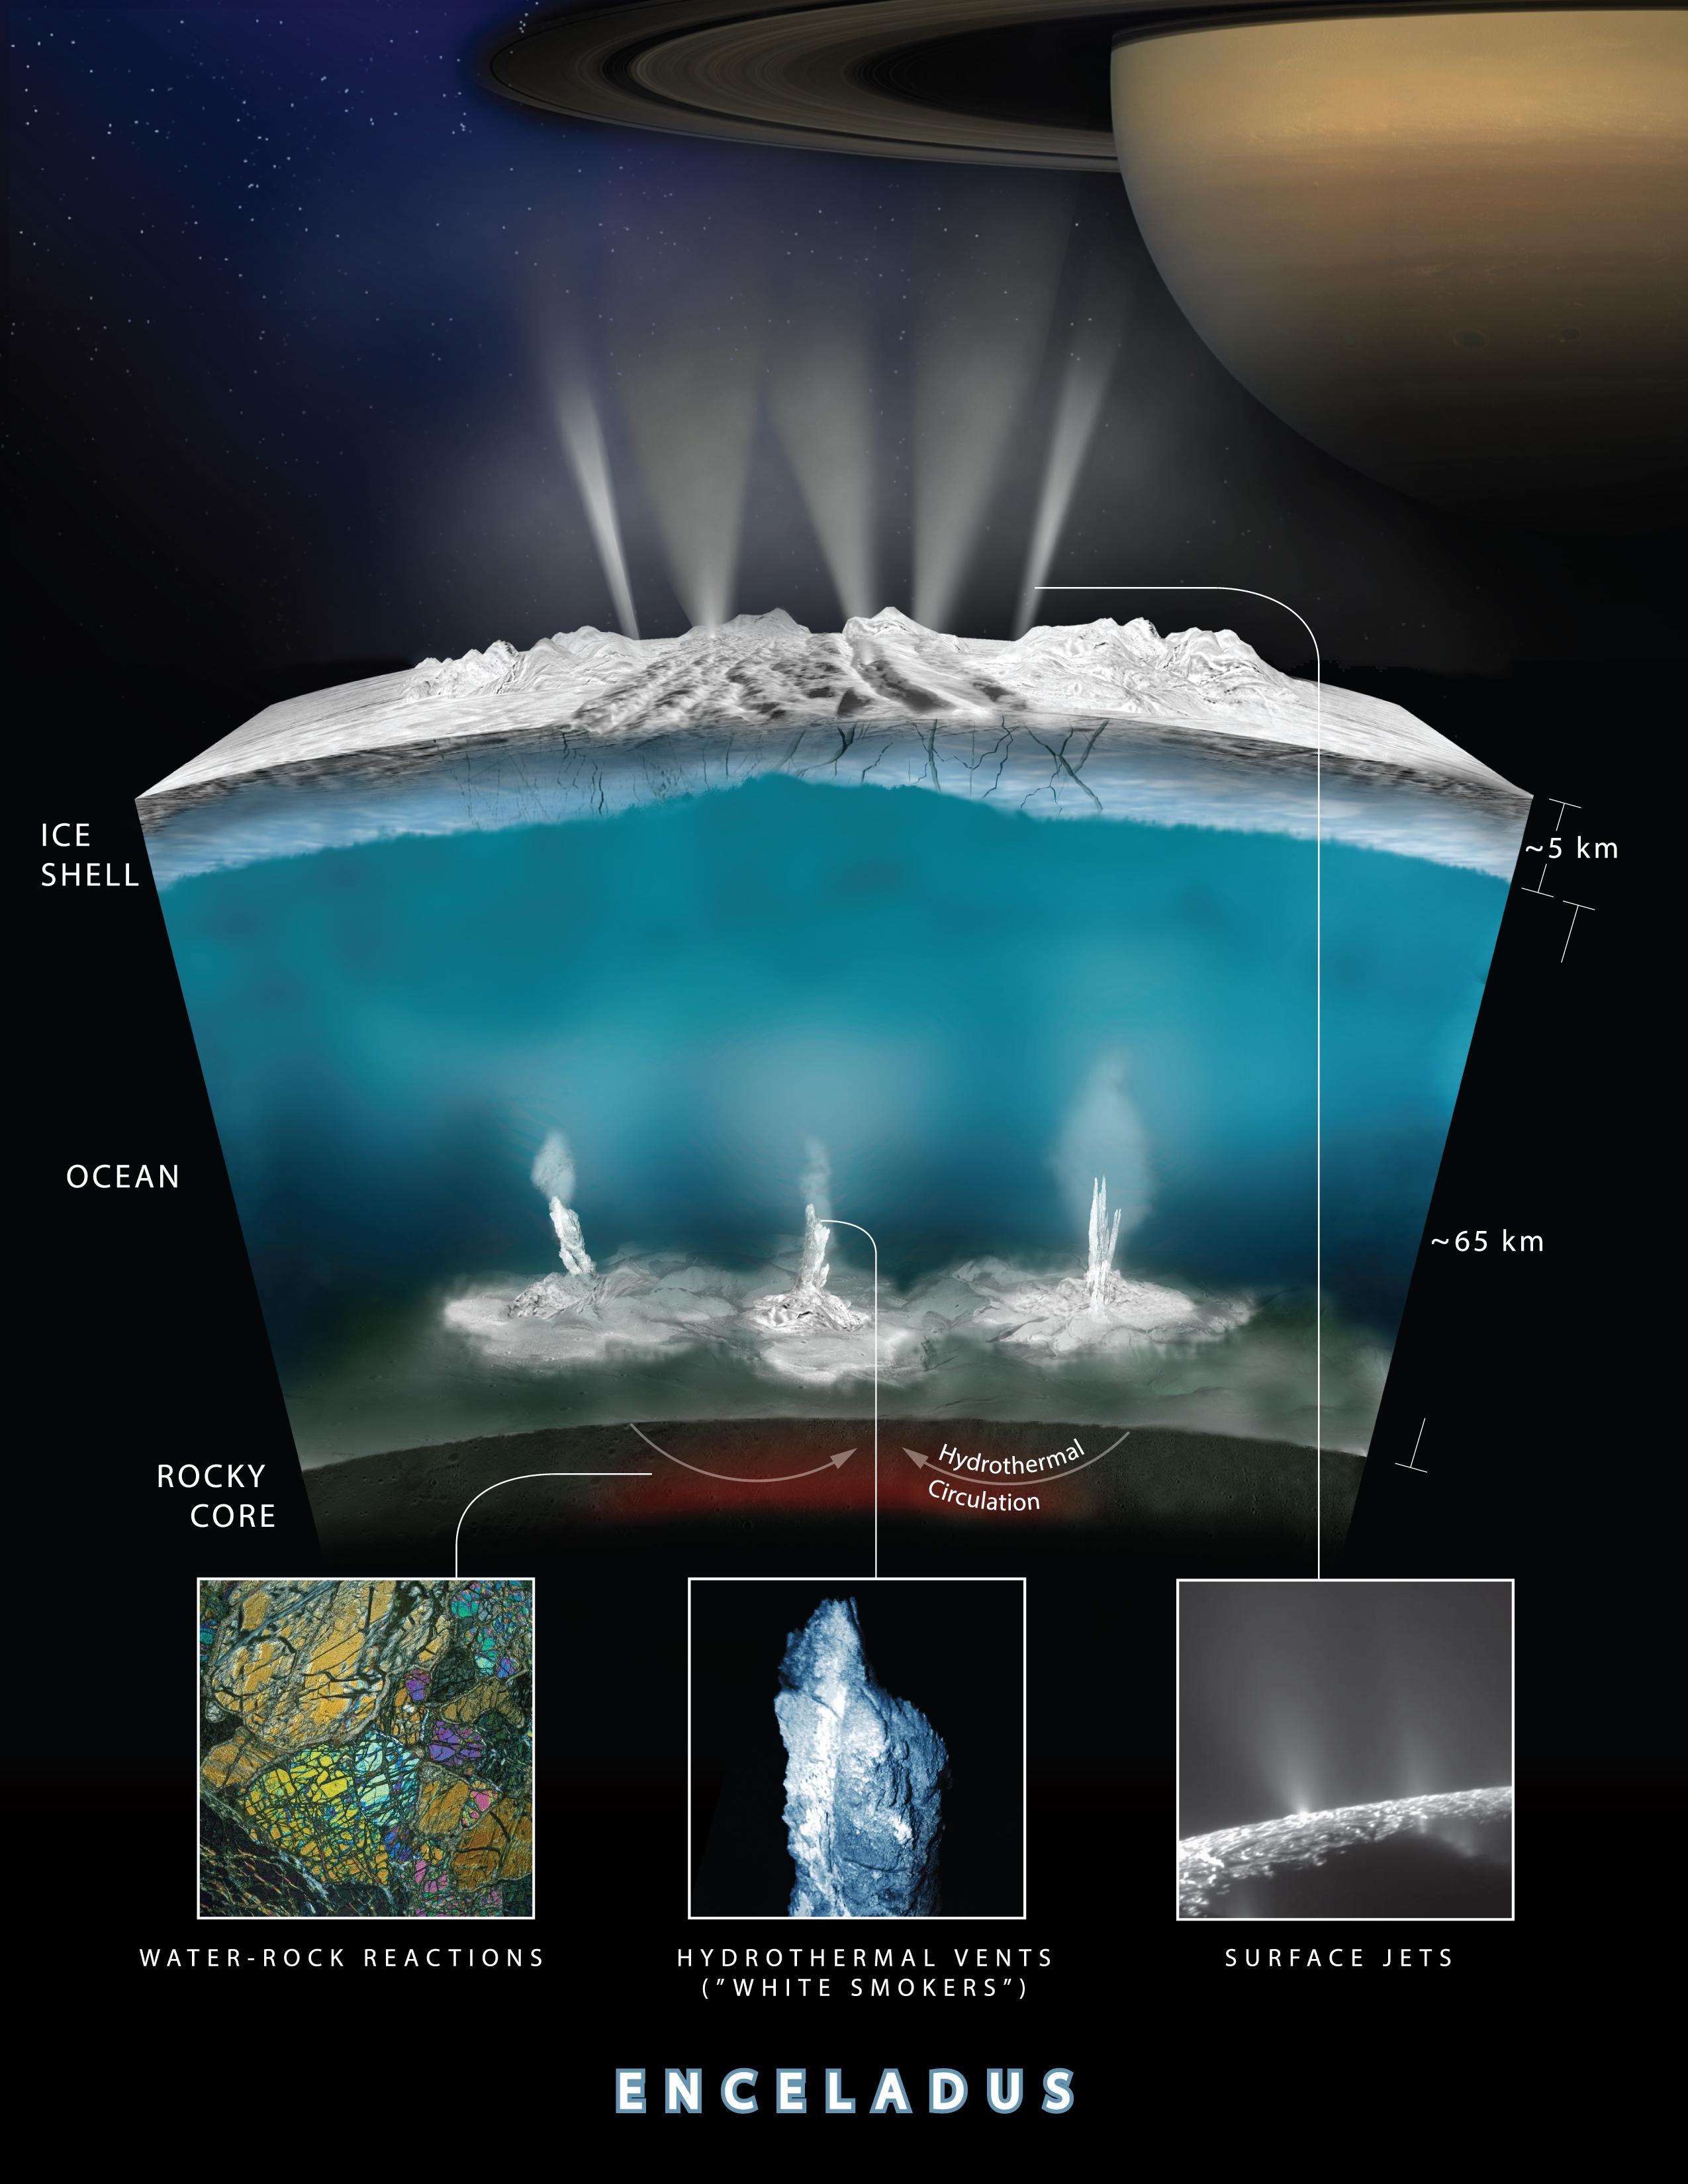 Grafika pokazuje, jak naukowcy wyobrażają sobie reakcje zachodzące na dnie oceanu Enceladusa